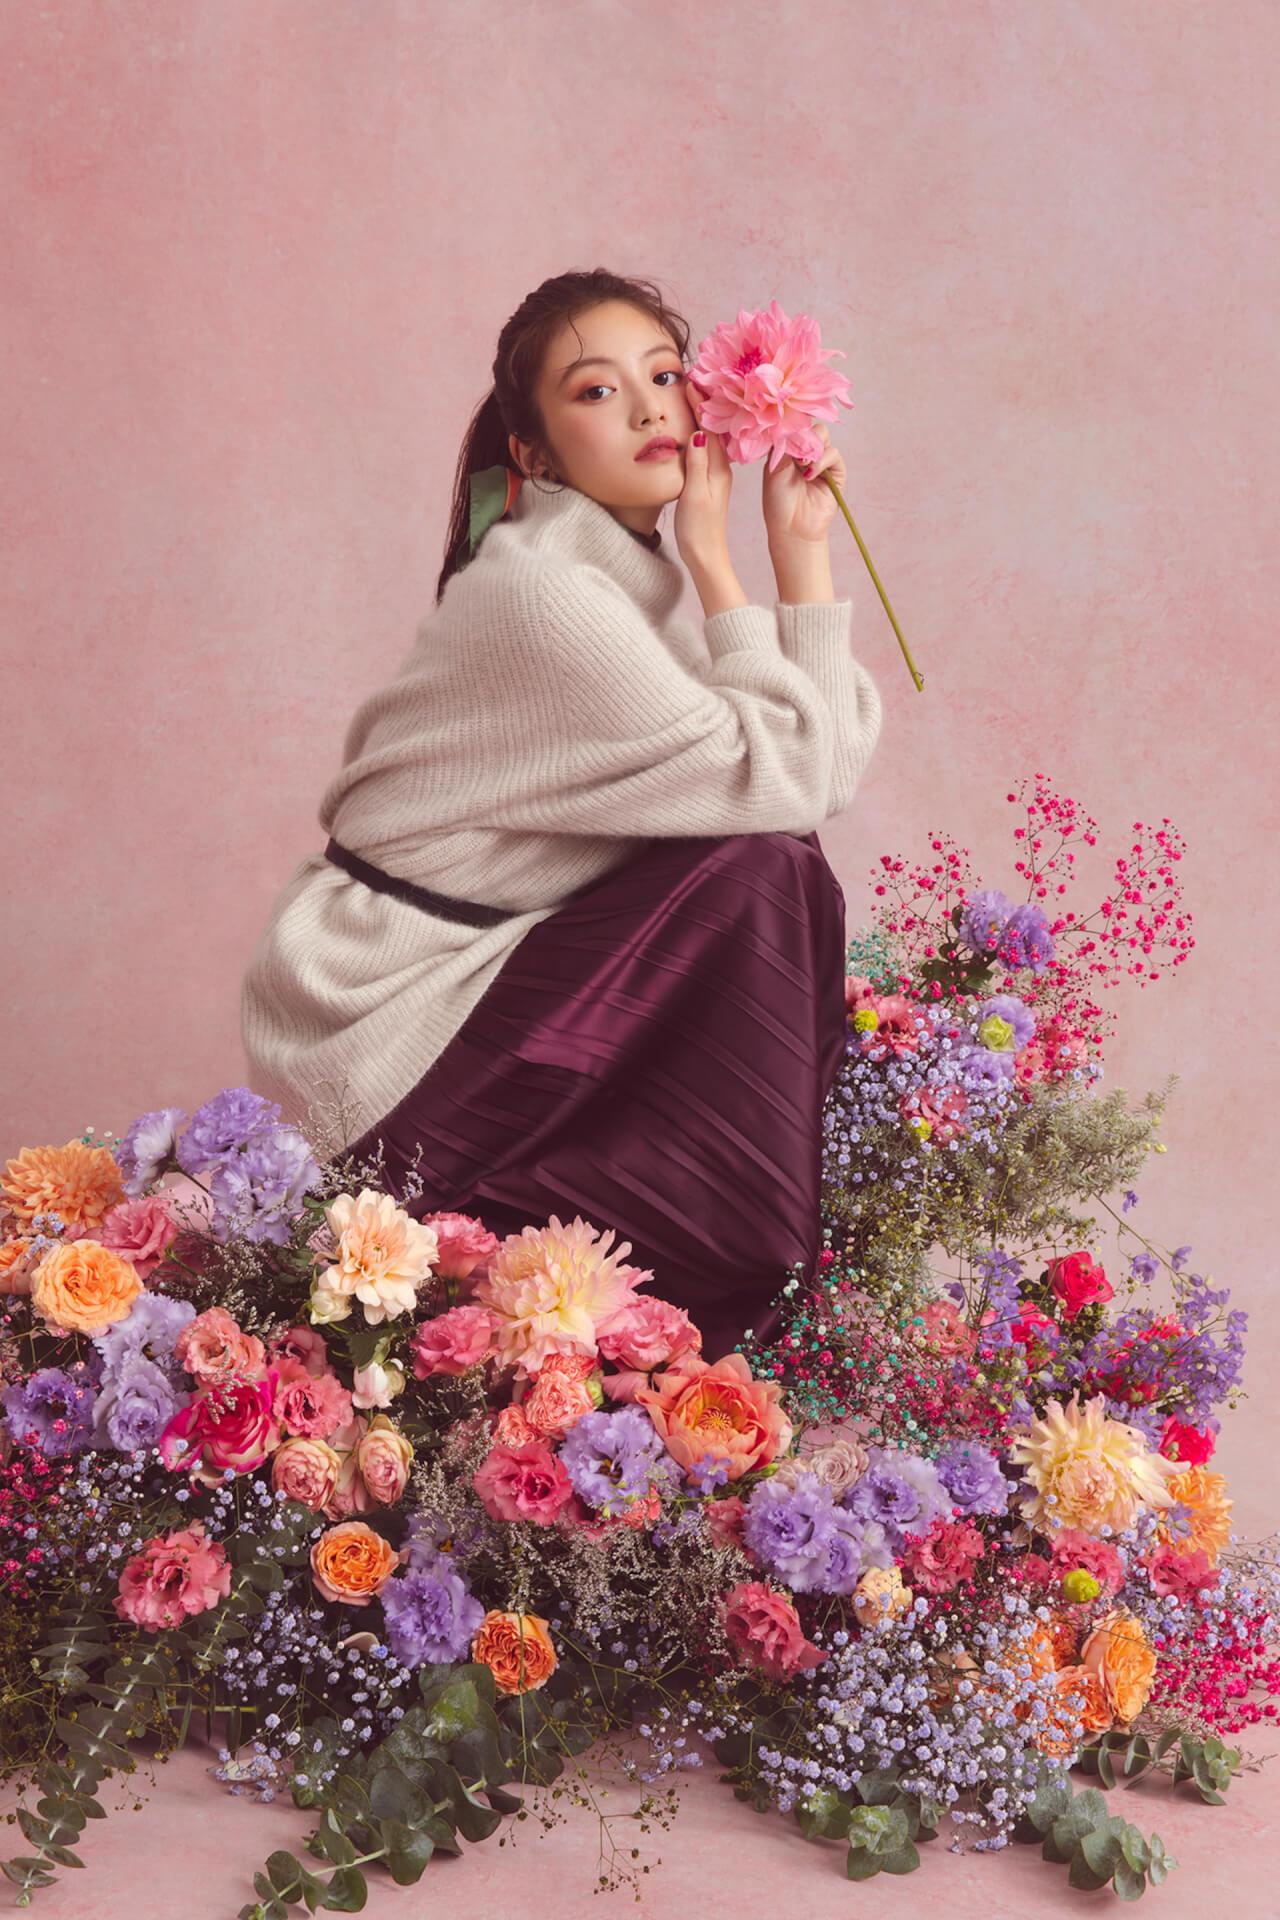 GRLが女優・今田美桜を起用した2019年秋冬ビジュアルを公開|今田美桜からのコメントも到着 lifefashion_1108_grl_3